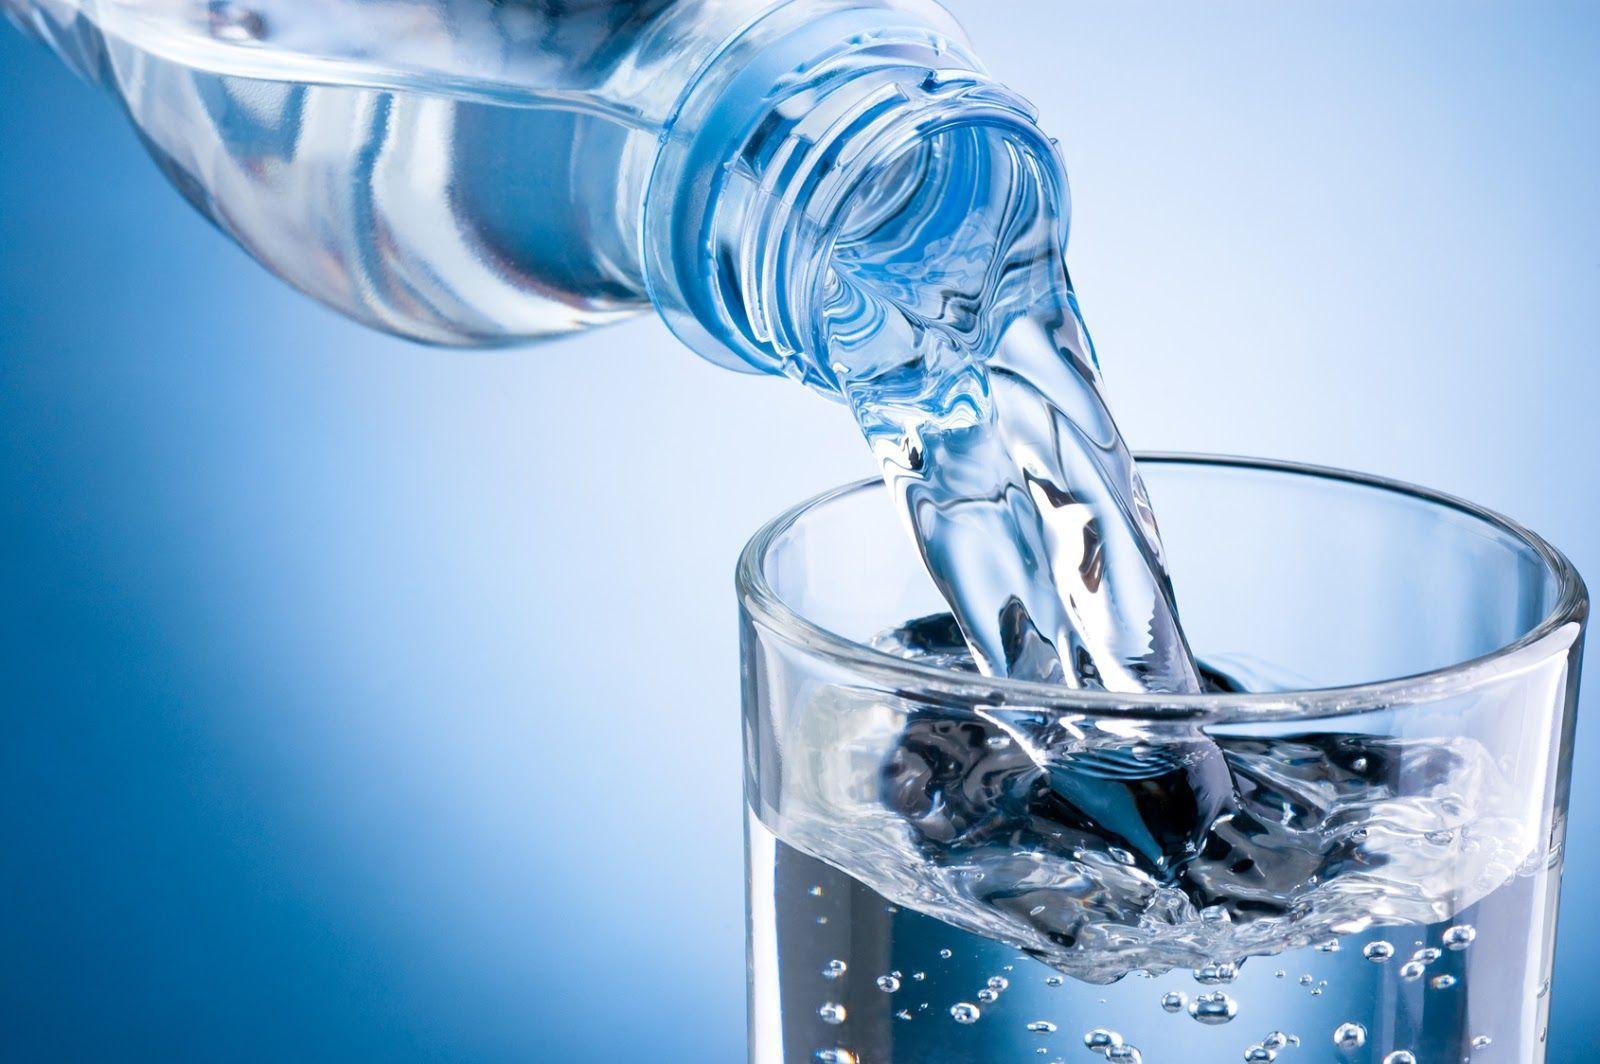 La dureza del agua nos dice la calidad del agua que bebemos... pero ¿qué significa este parámetro realmente?